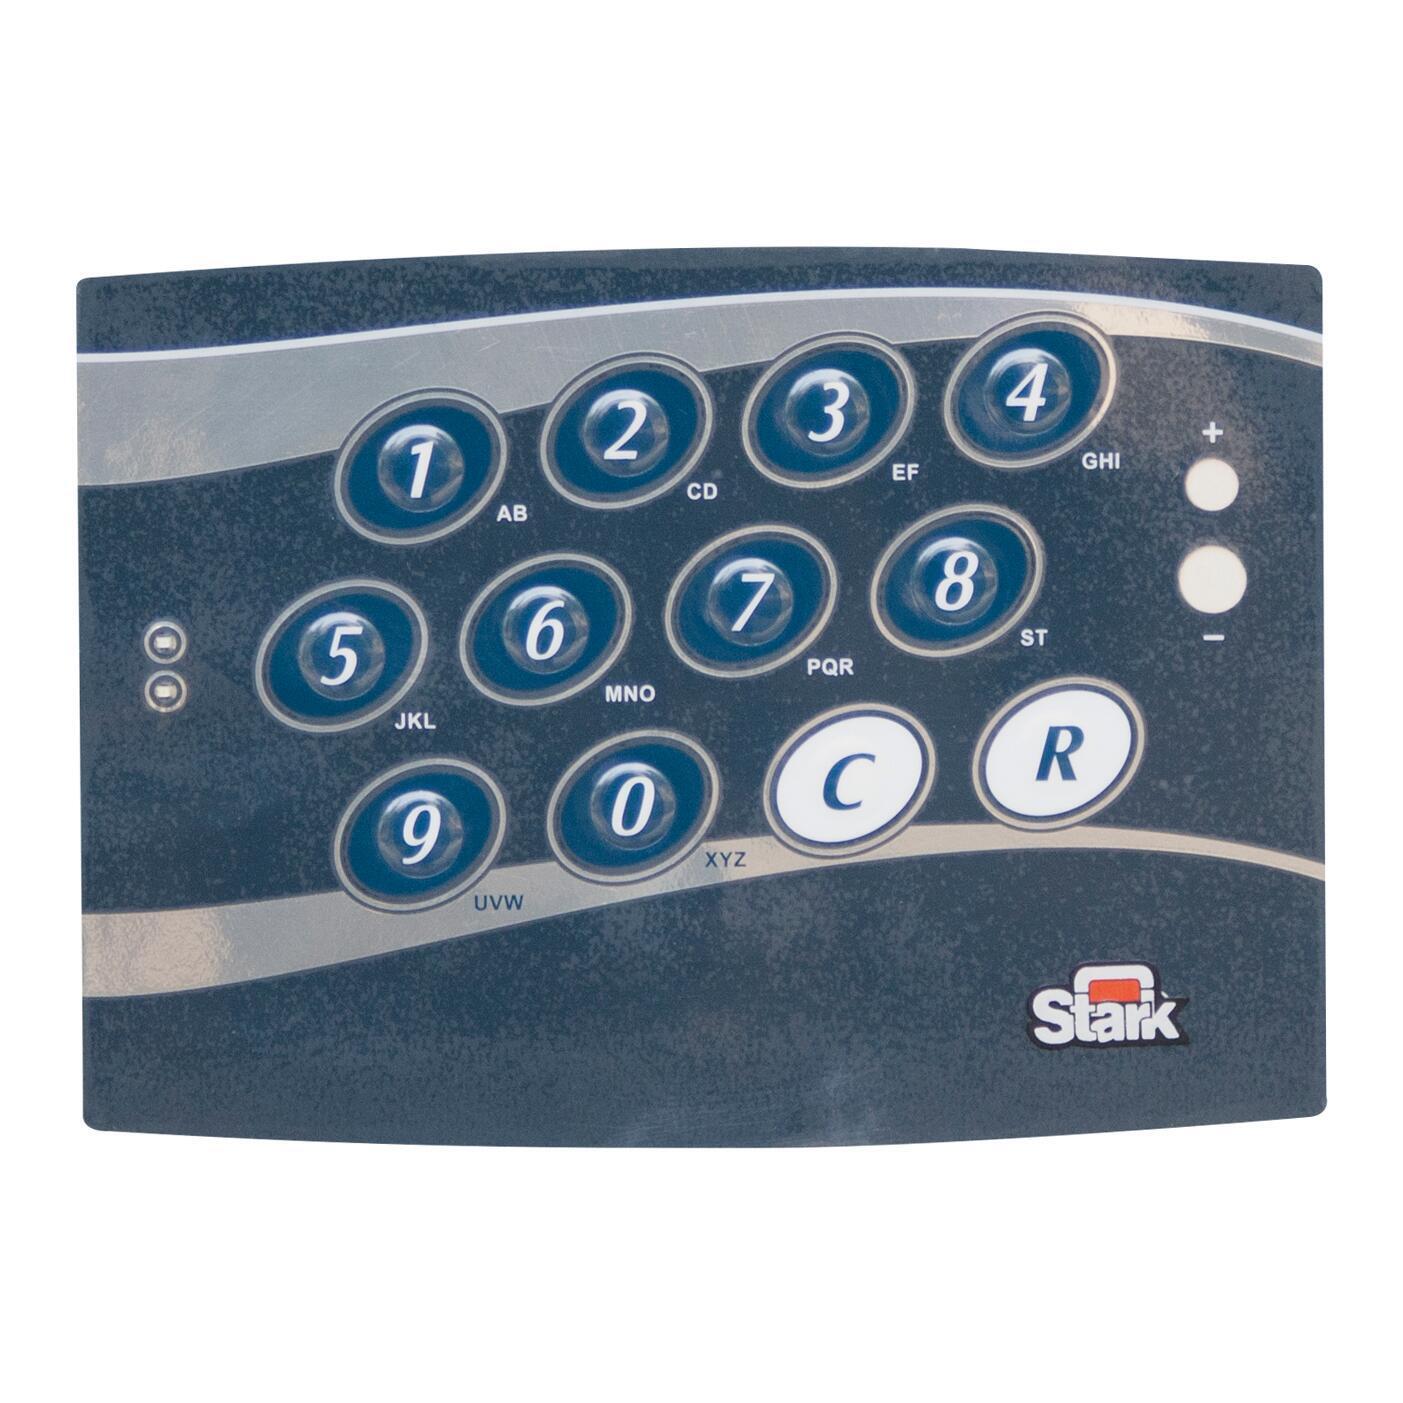 Cassaforte con codice elettronico STARK 3252TK da fissare a parete L 37 x P 32 x H 24 cm - 6